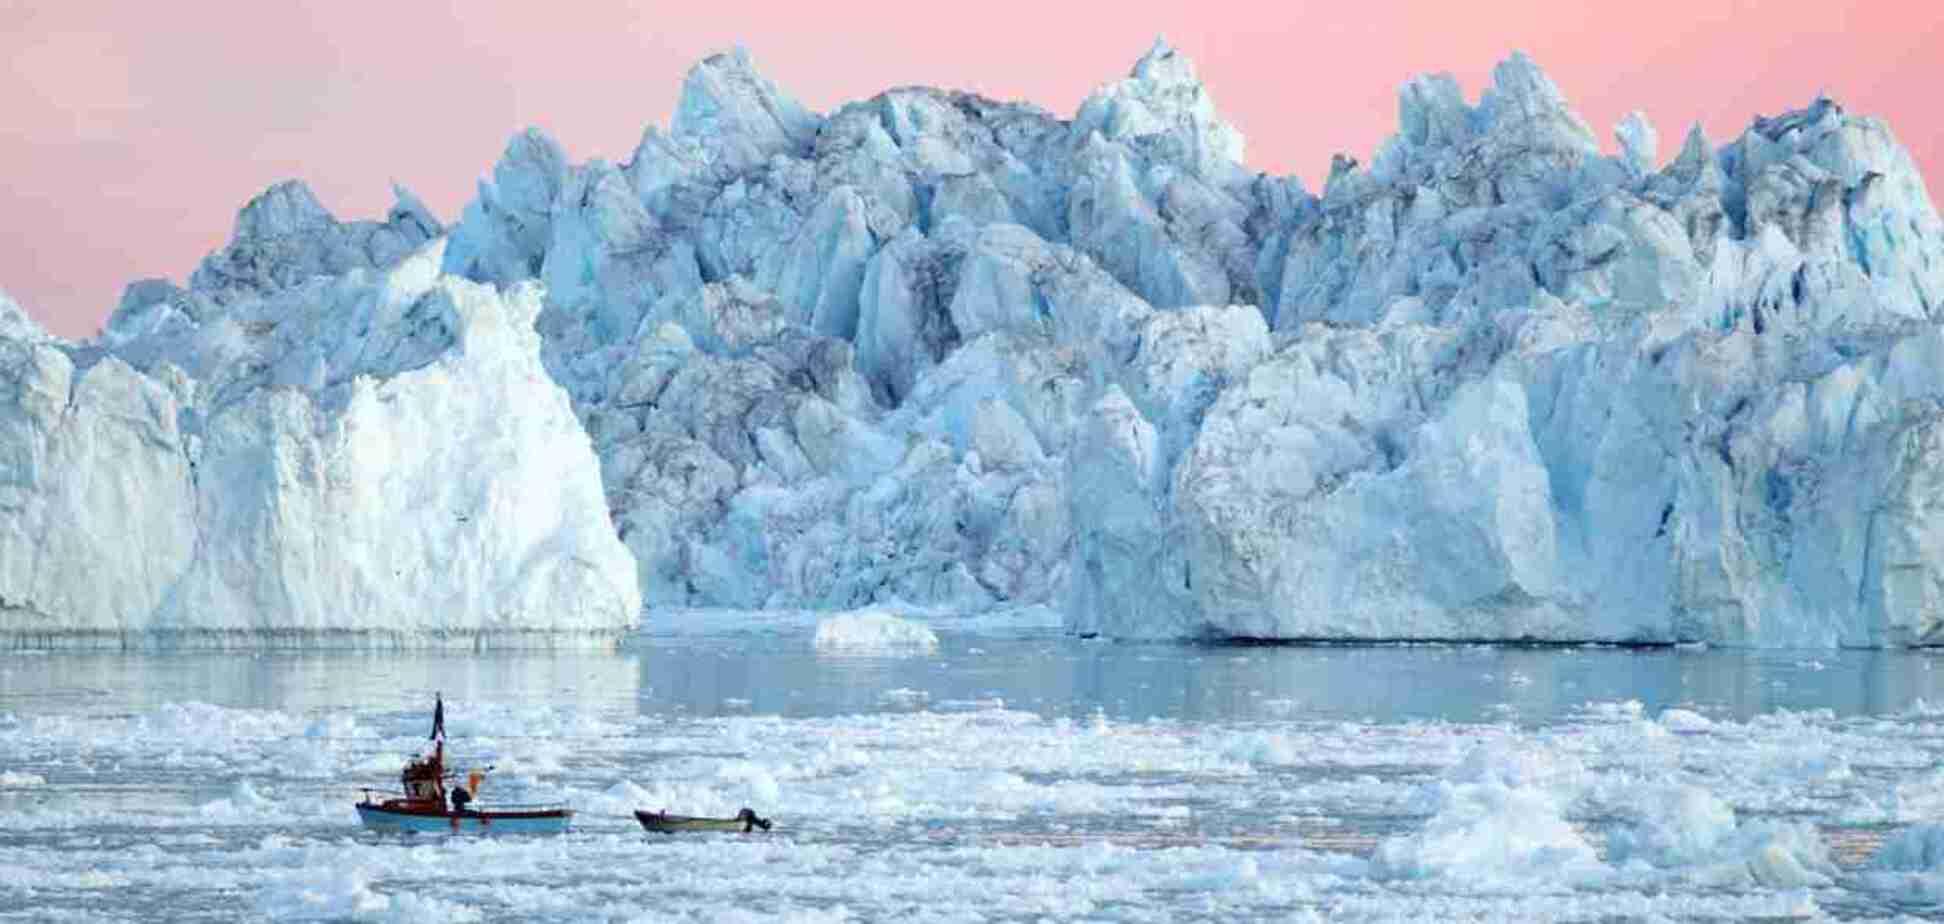 У Гренландії катастрофічно тане льодовиковий покрив